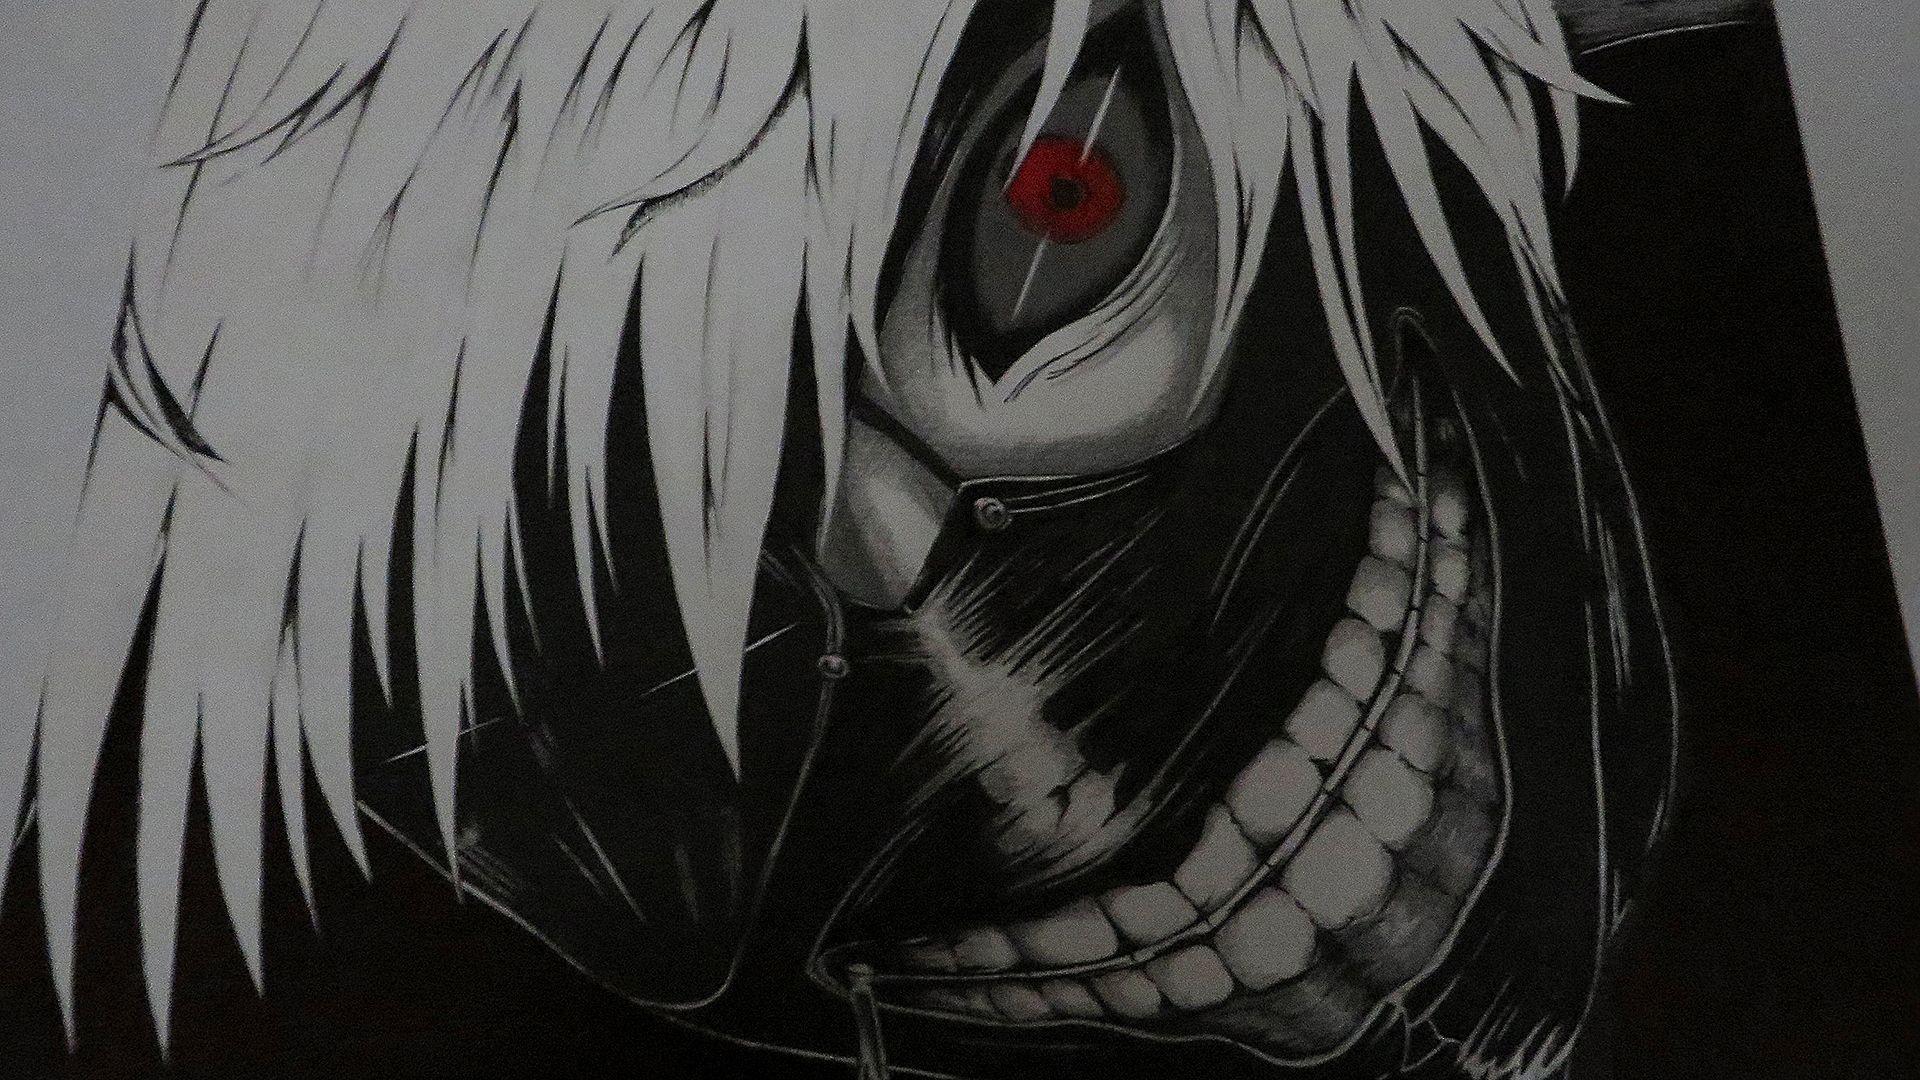 ken-kaneki-tokyo-ghoul-hd-anime-wallpaper-1080p.